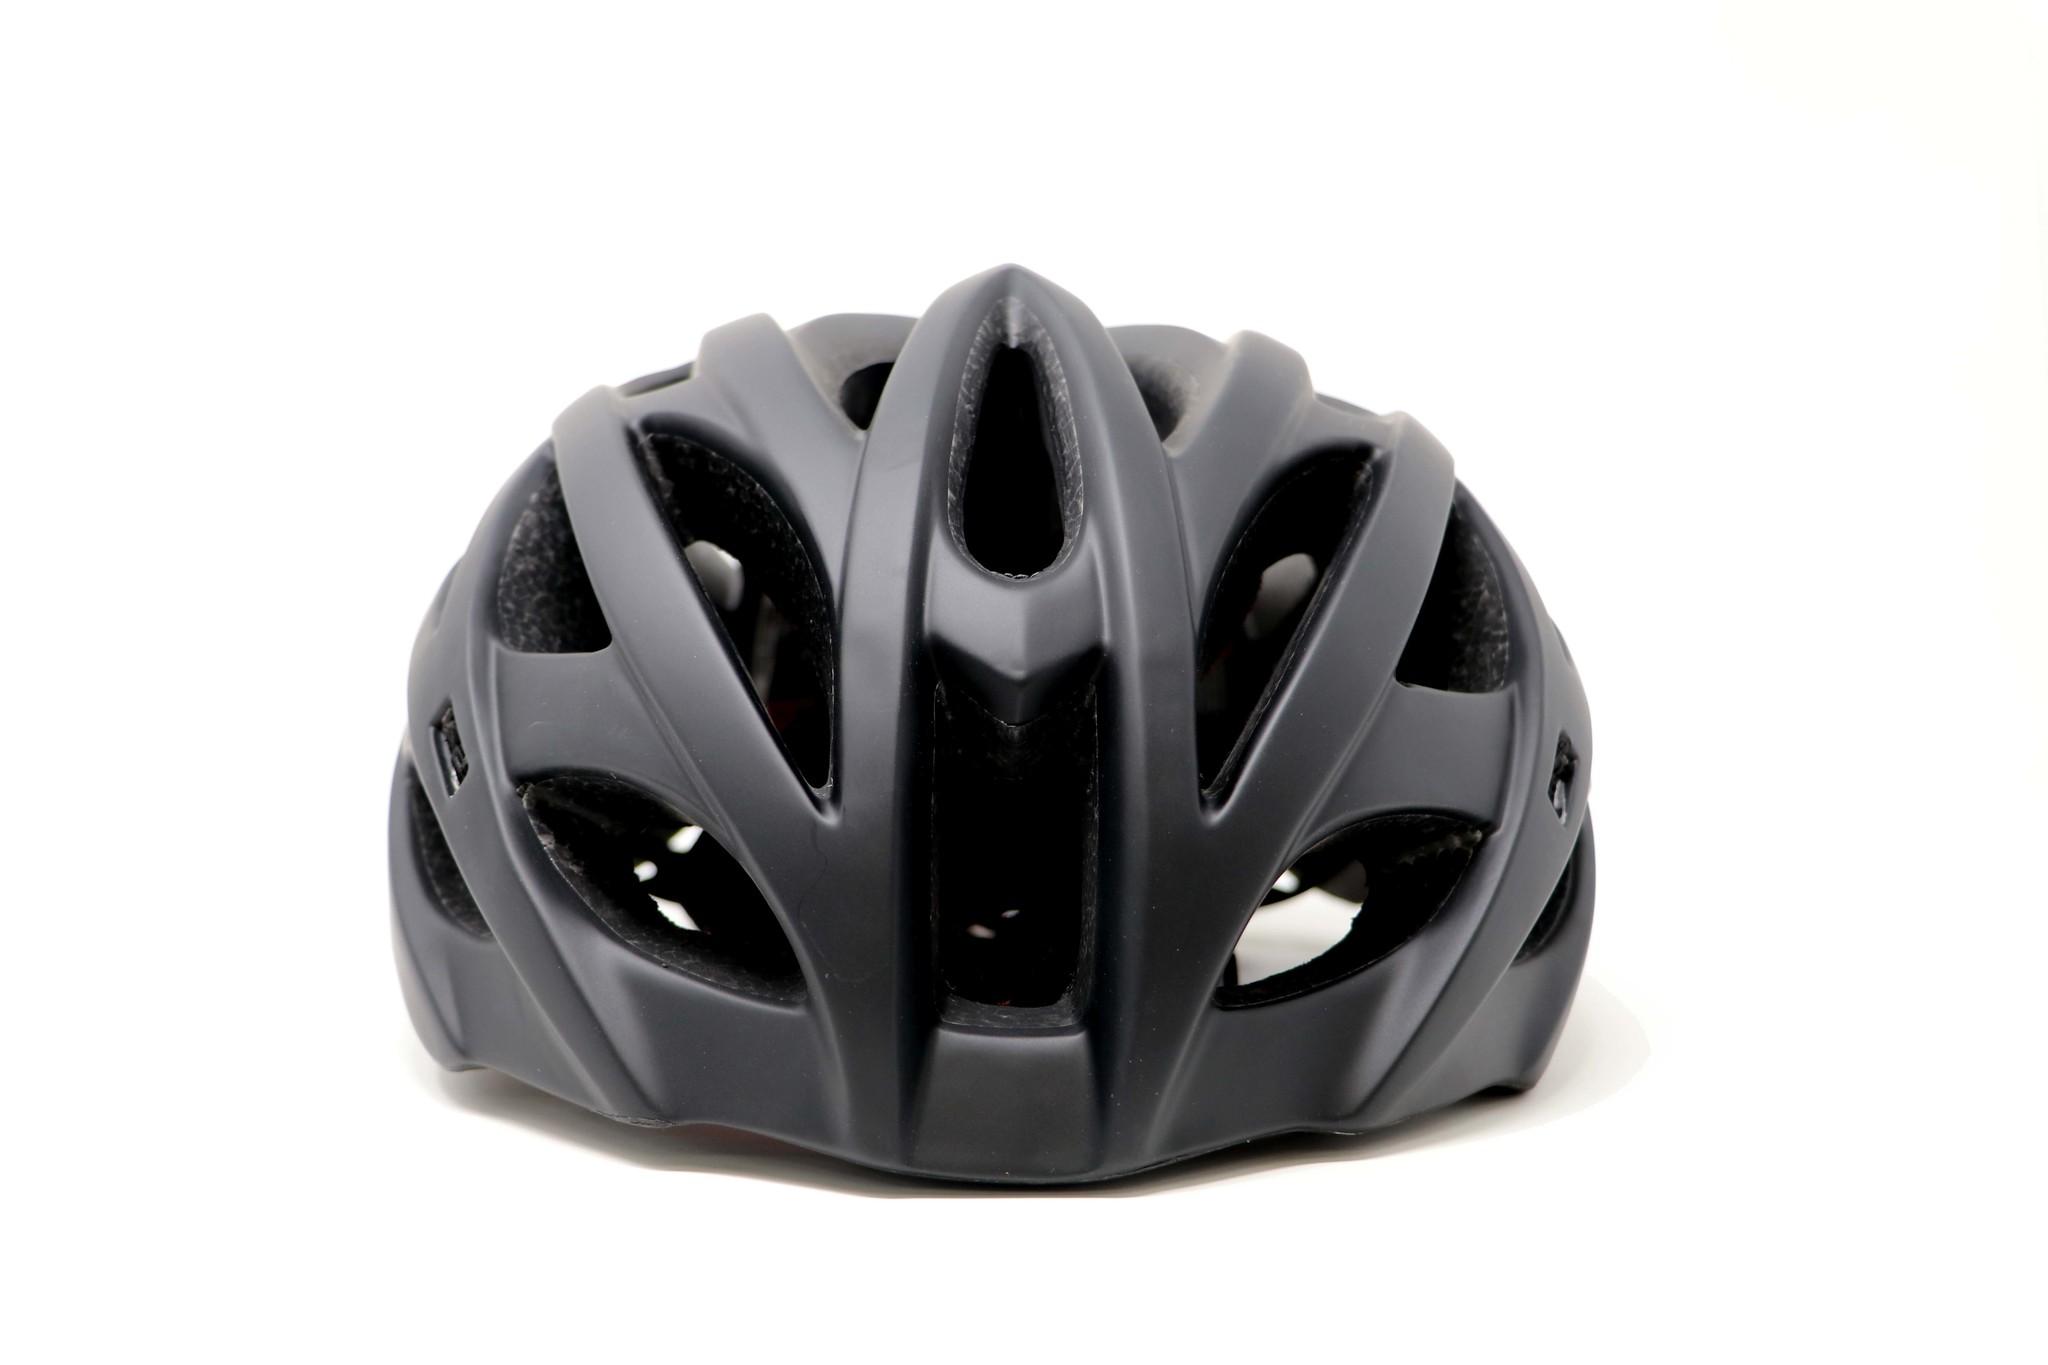 H93 Casque de vélo et de ski roues NOIR